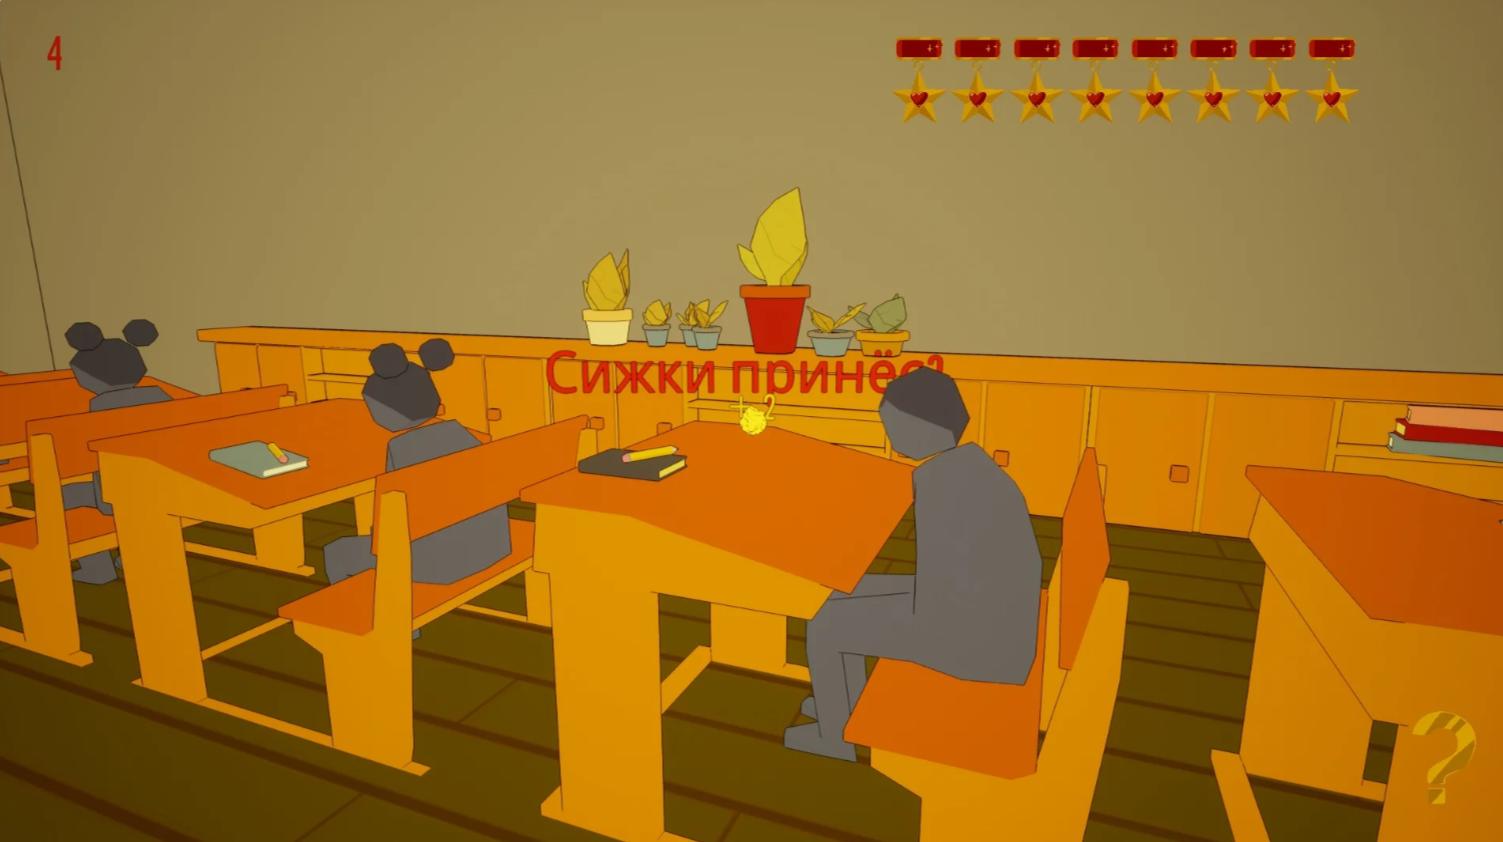 Оригинальные мини-игры от студентов Школы дизайна НИУ ВШЭ. - Изображение 4